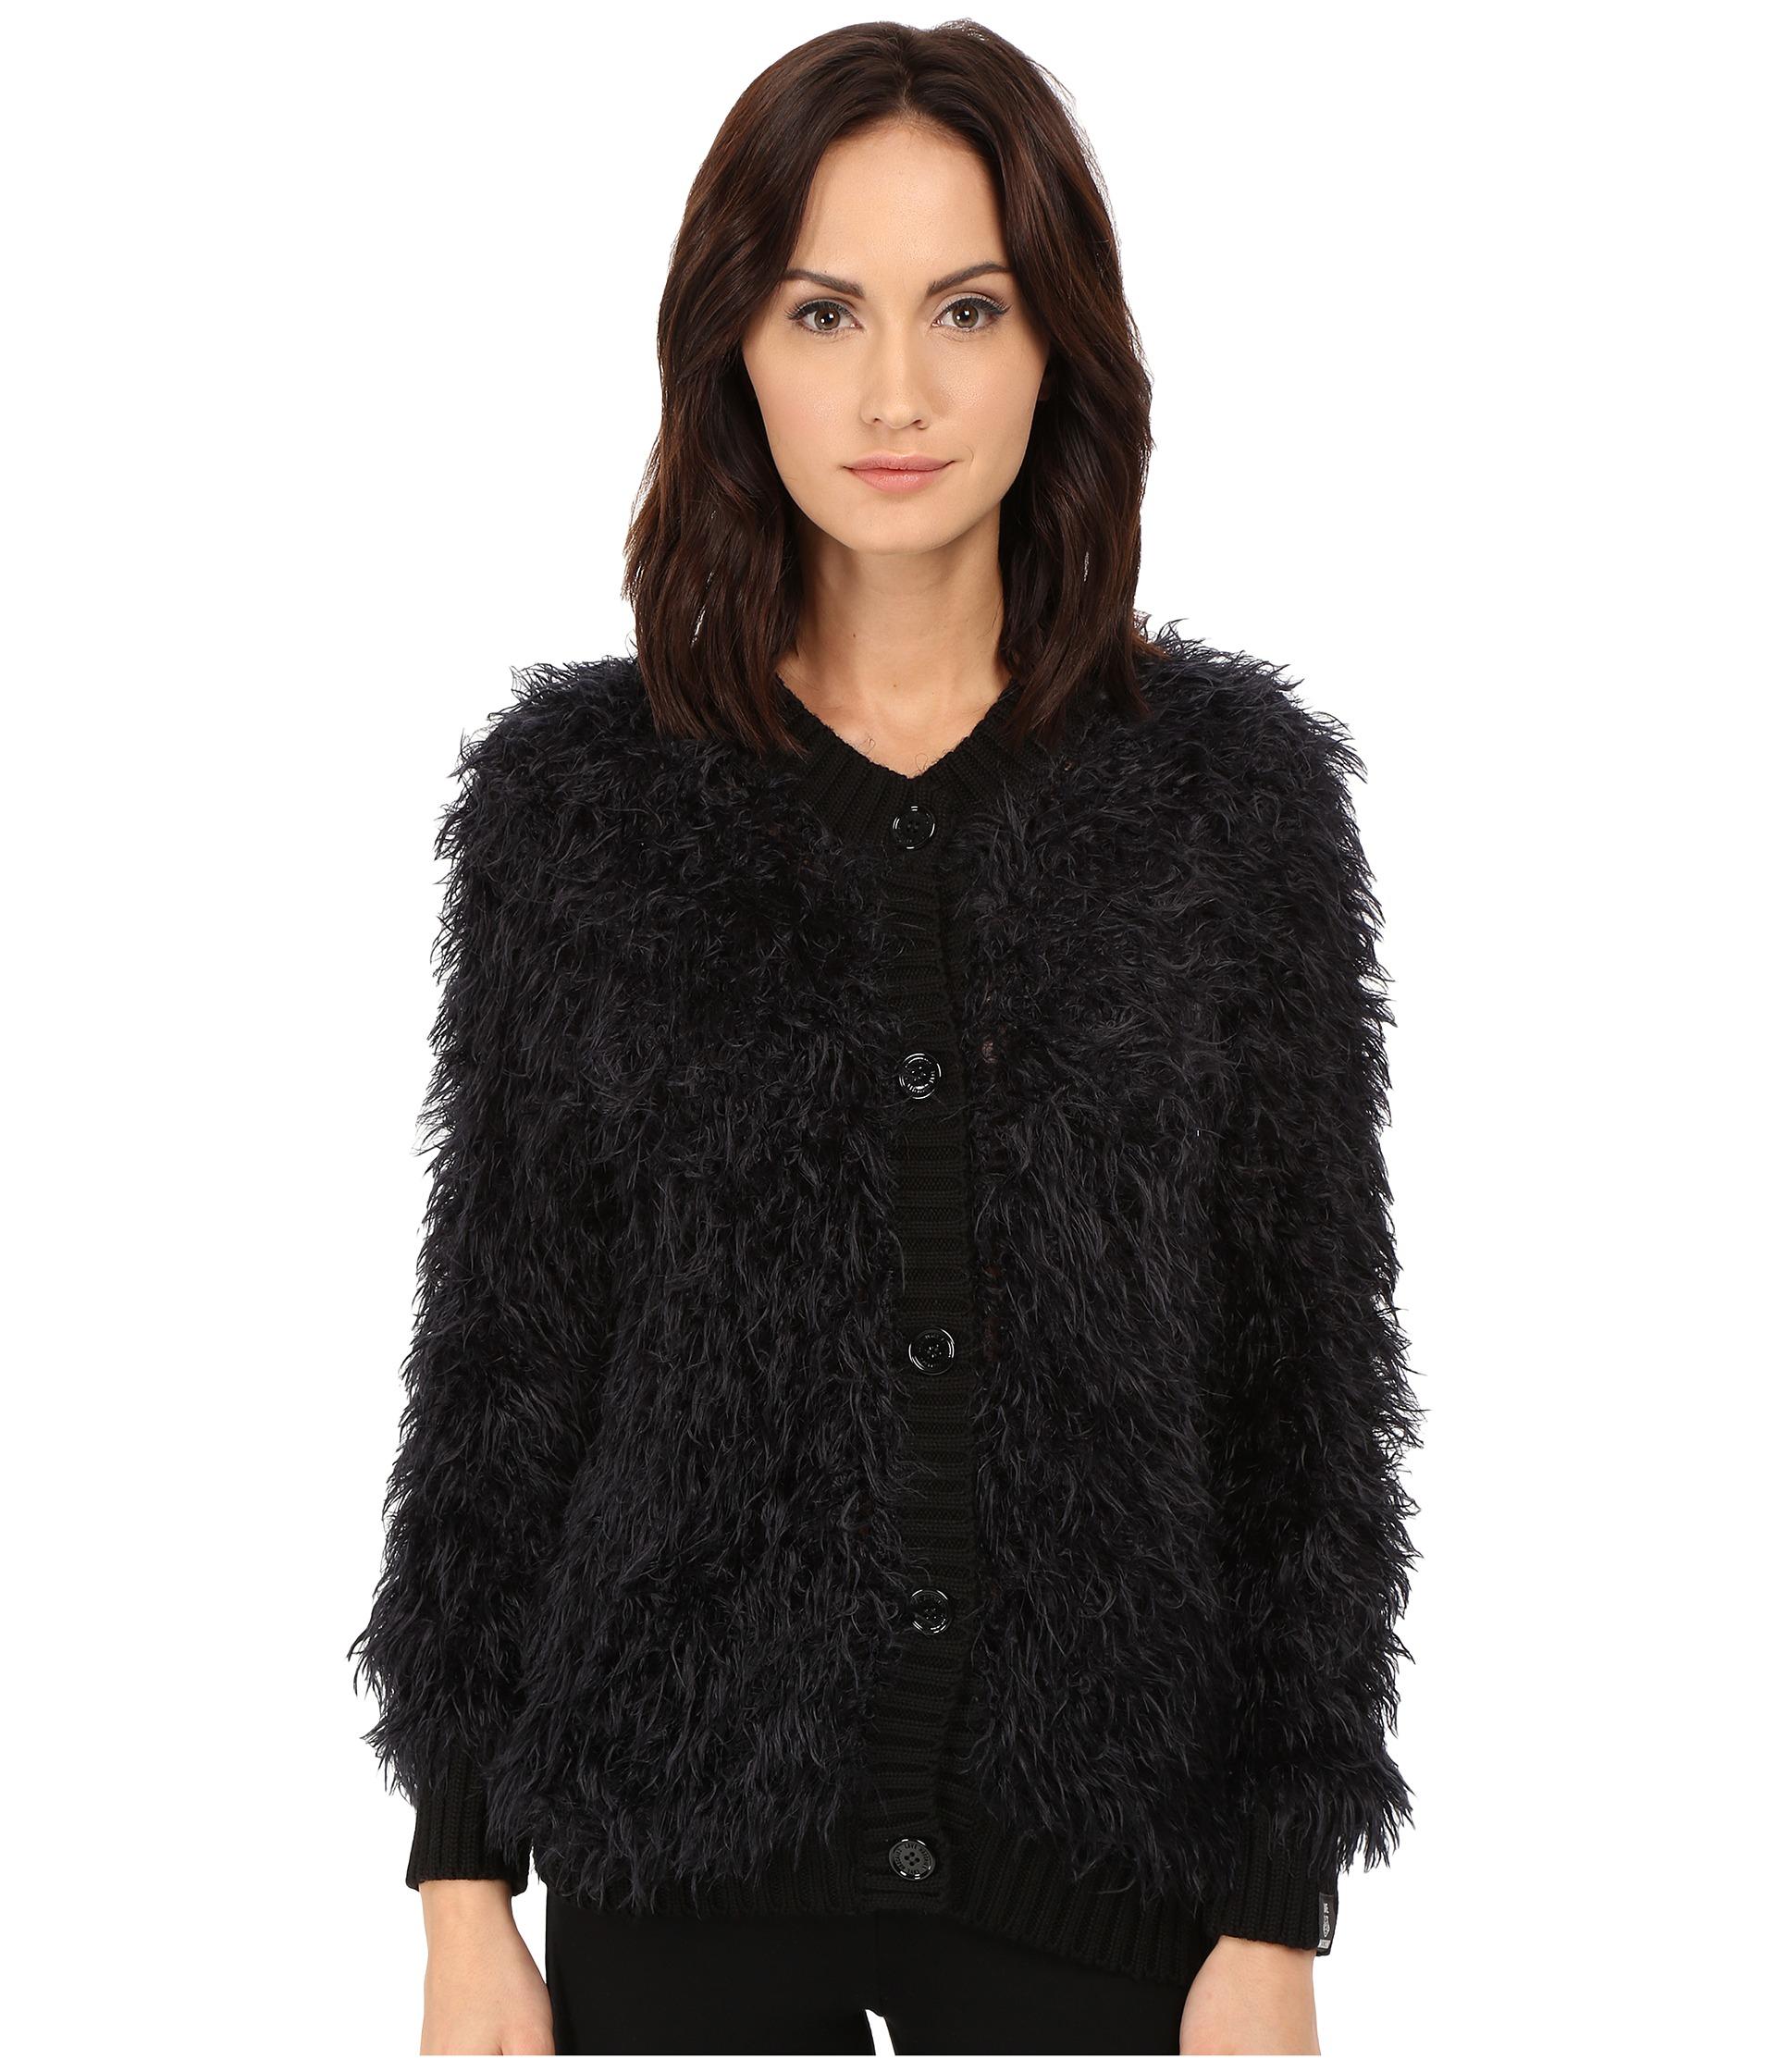 Wool Sweater Furry 21